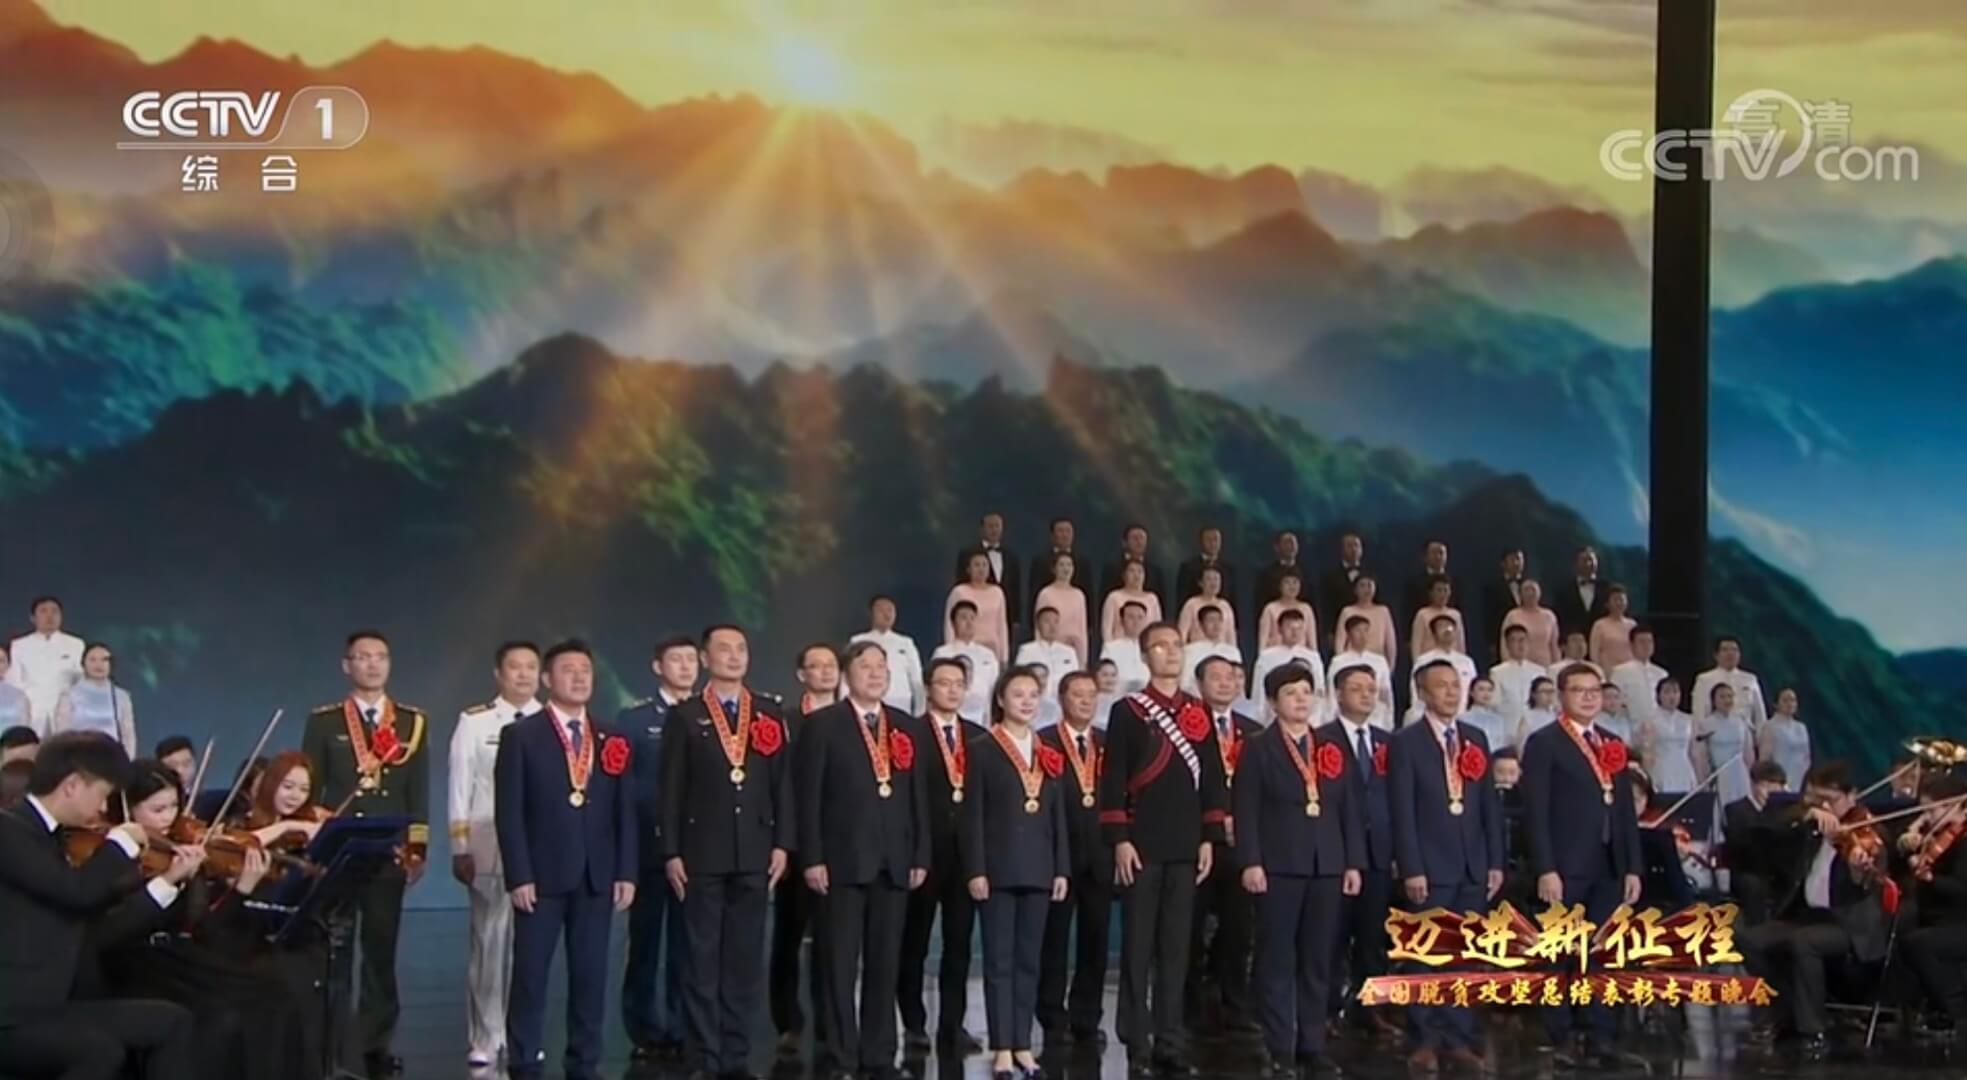 云账户董事长参加全国脱贫攻坚总结表彰专题晚会 11